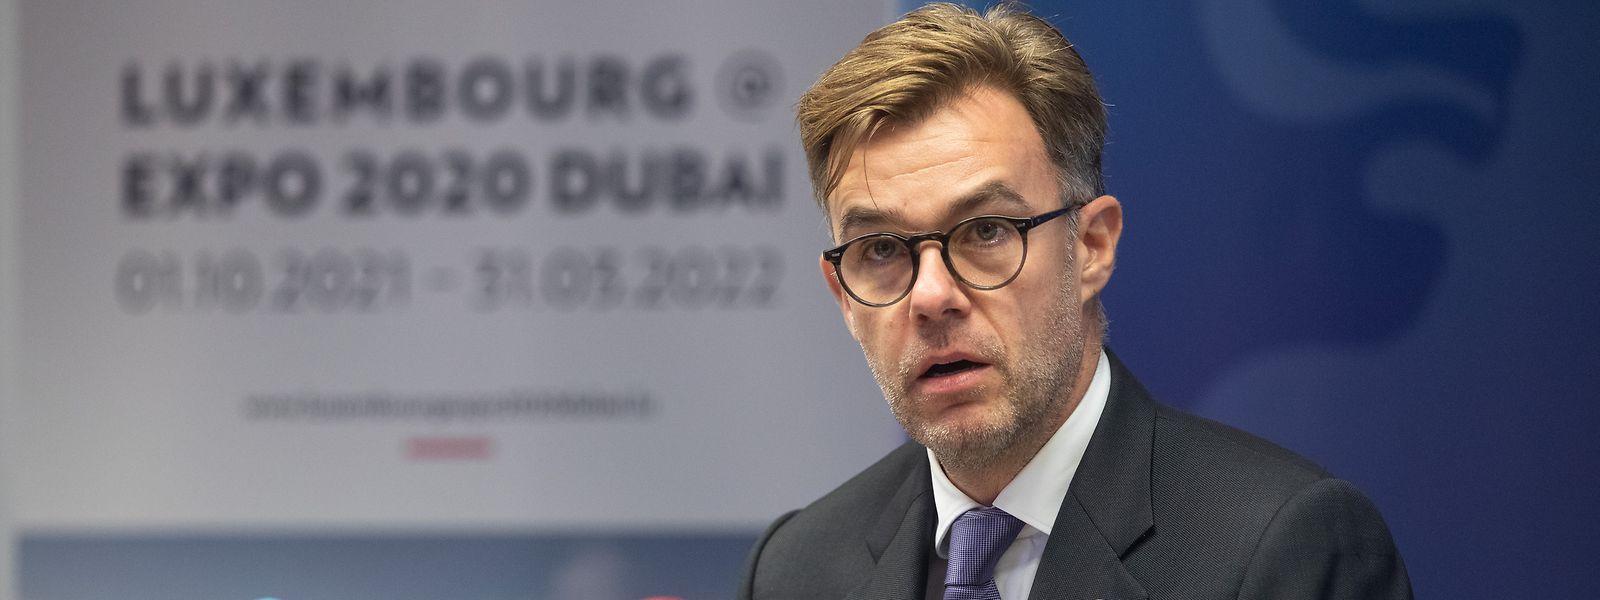 Le ministre de l'Economie s'est réjoui de cette proposition, permettant au pavillon luxembourgeois de perdurer dans le temps.